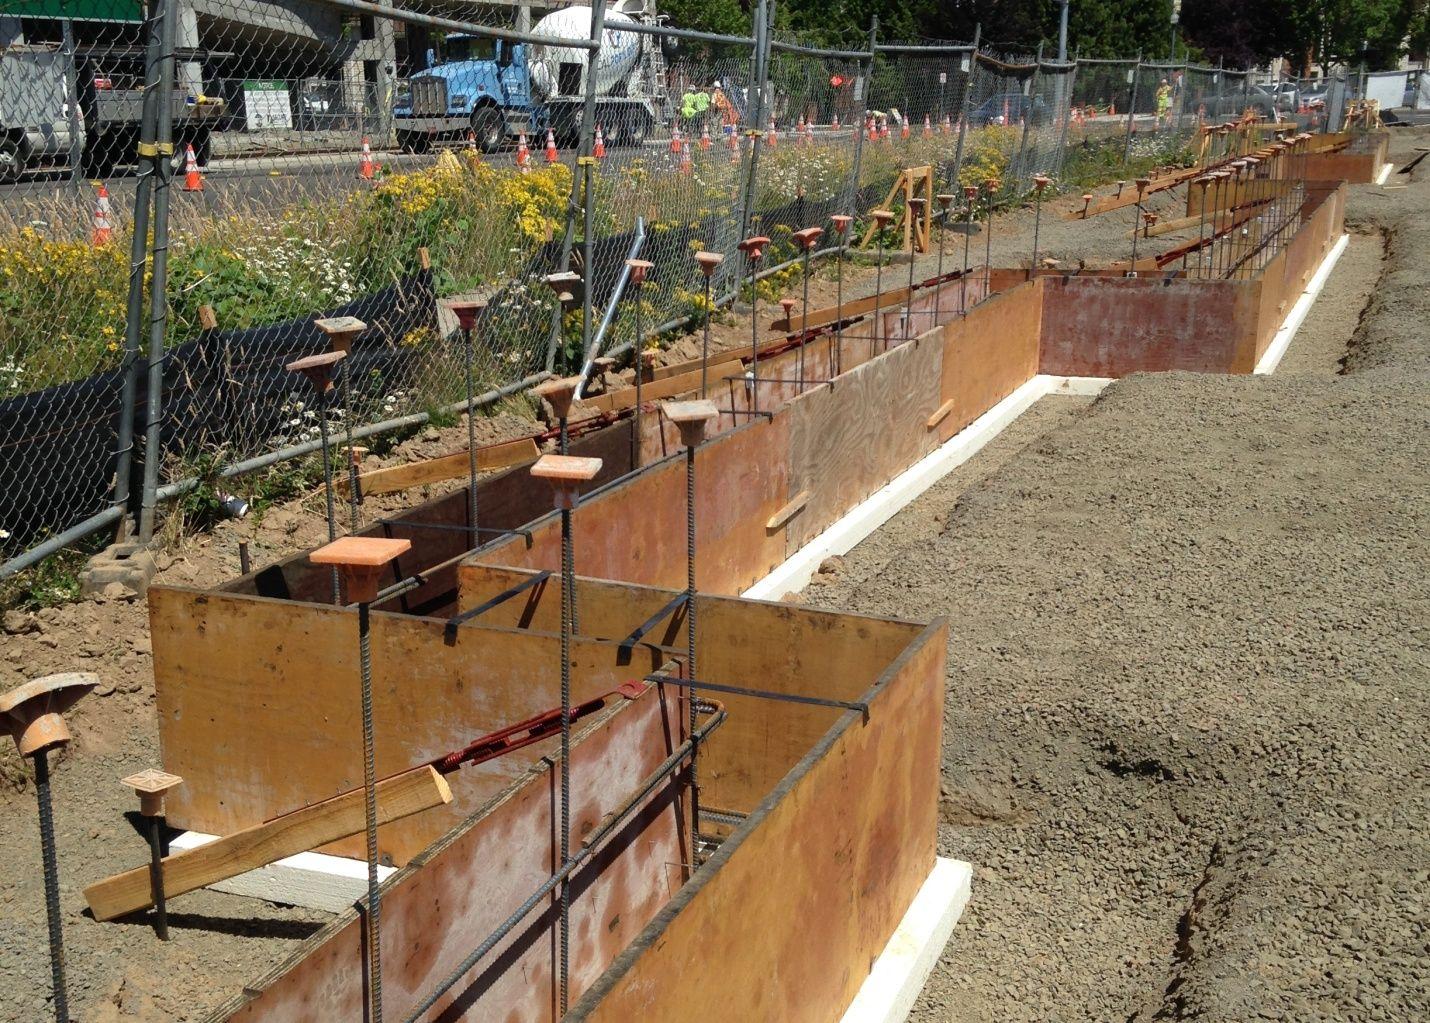 Placing A Concrete Foundation On Rigid Foam Insulation Rigid Foam Insulation Foam Insulation Insulated Concrete Forms